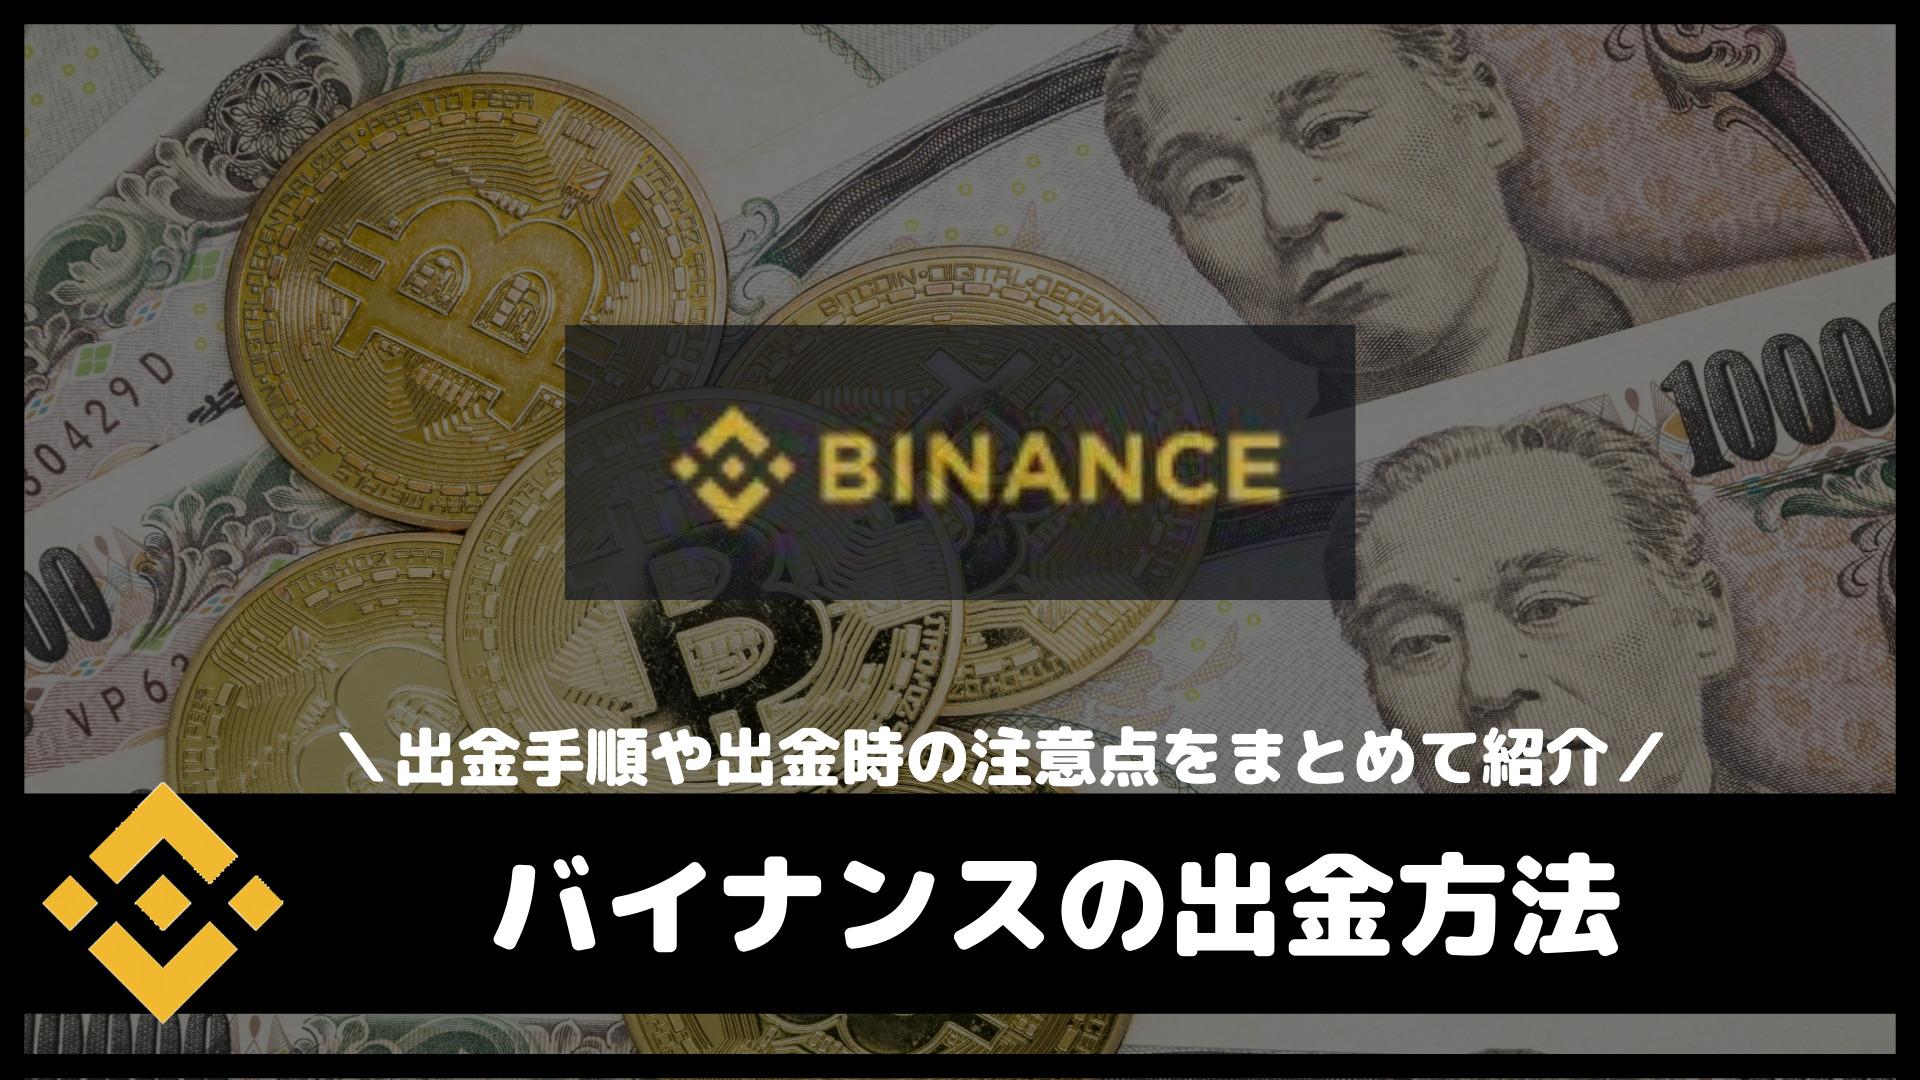 出 金 バイナンス バイナンス(BINANCE)で入金・出金・送金するときの注意点